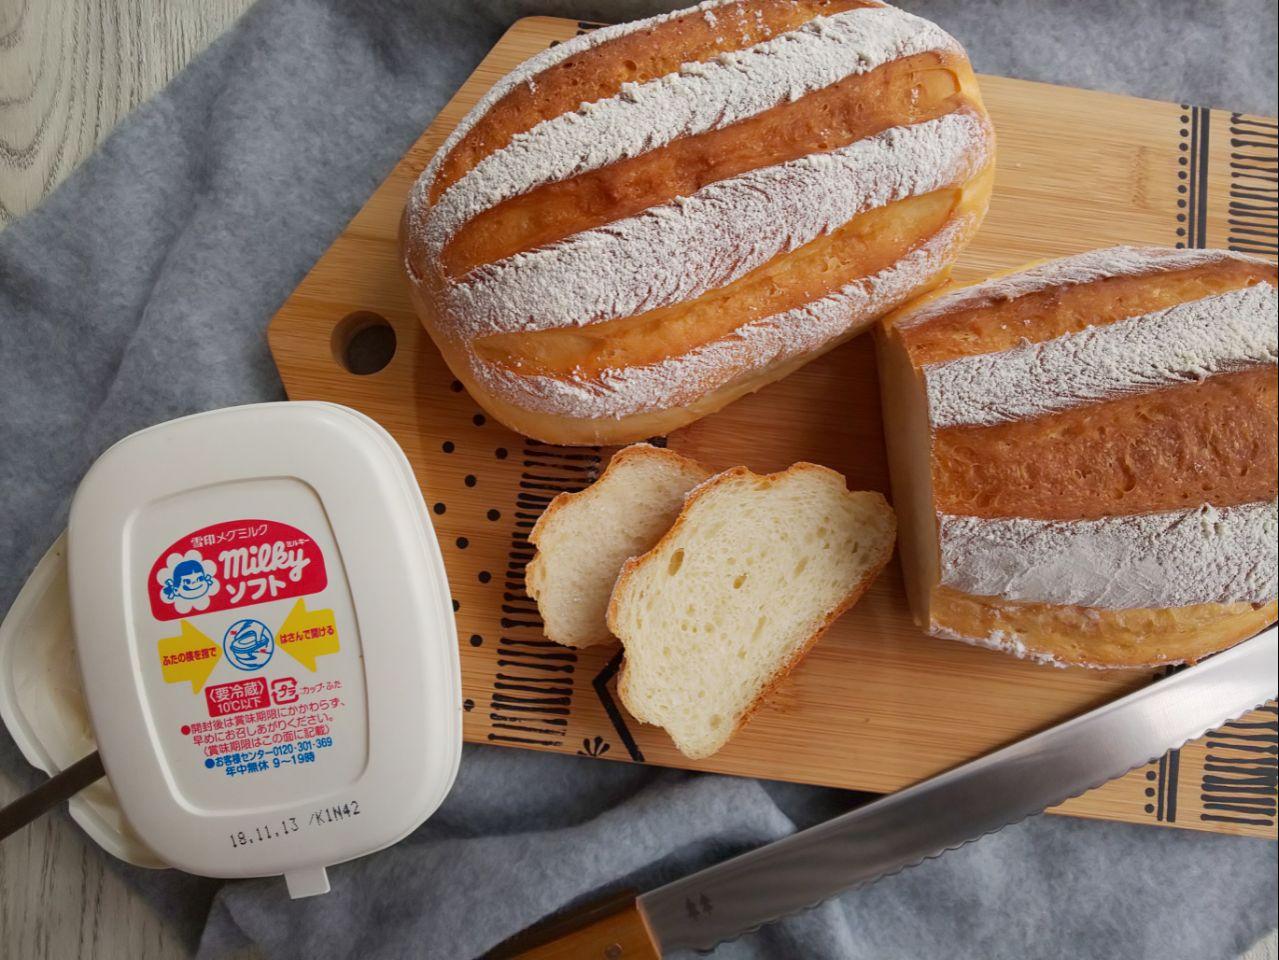 あの味を完全再現!? パンに塗る「ミルキーソフト」がおいしすぎるッ♪